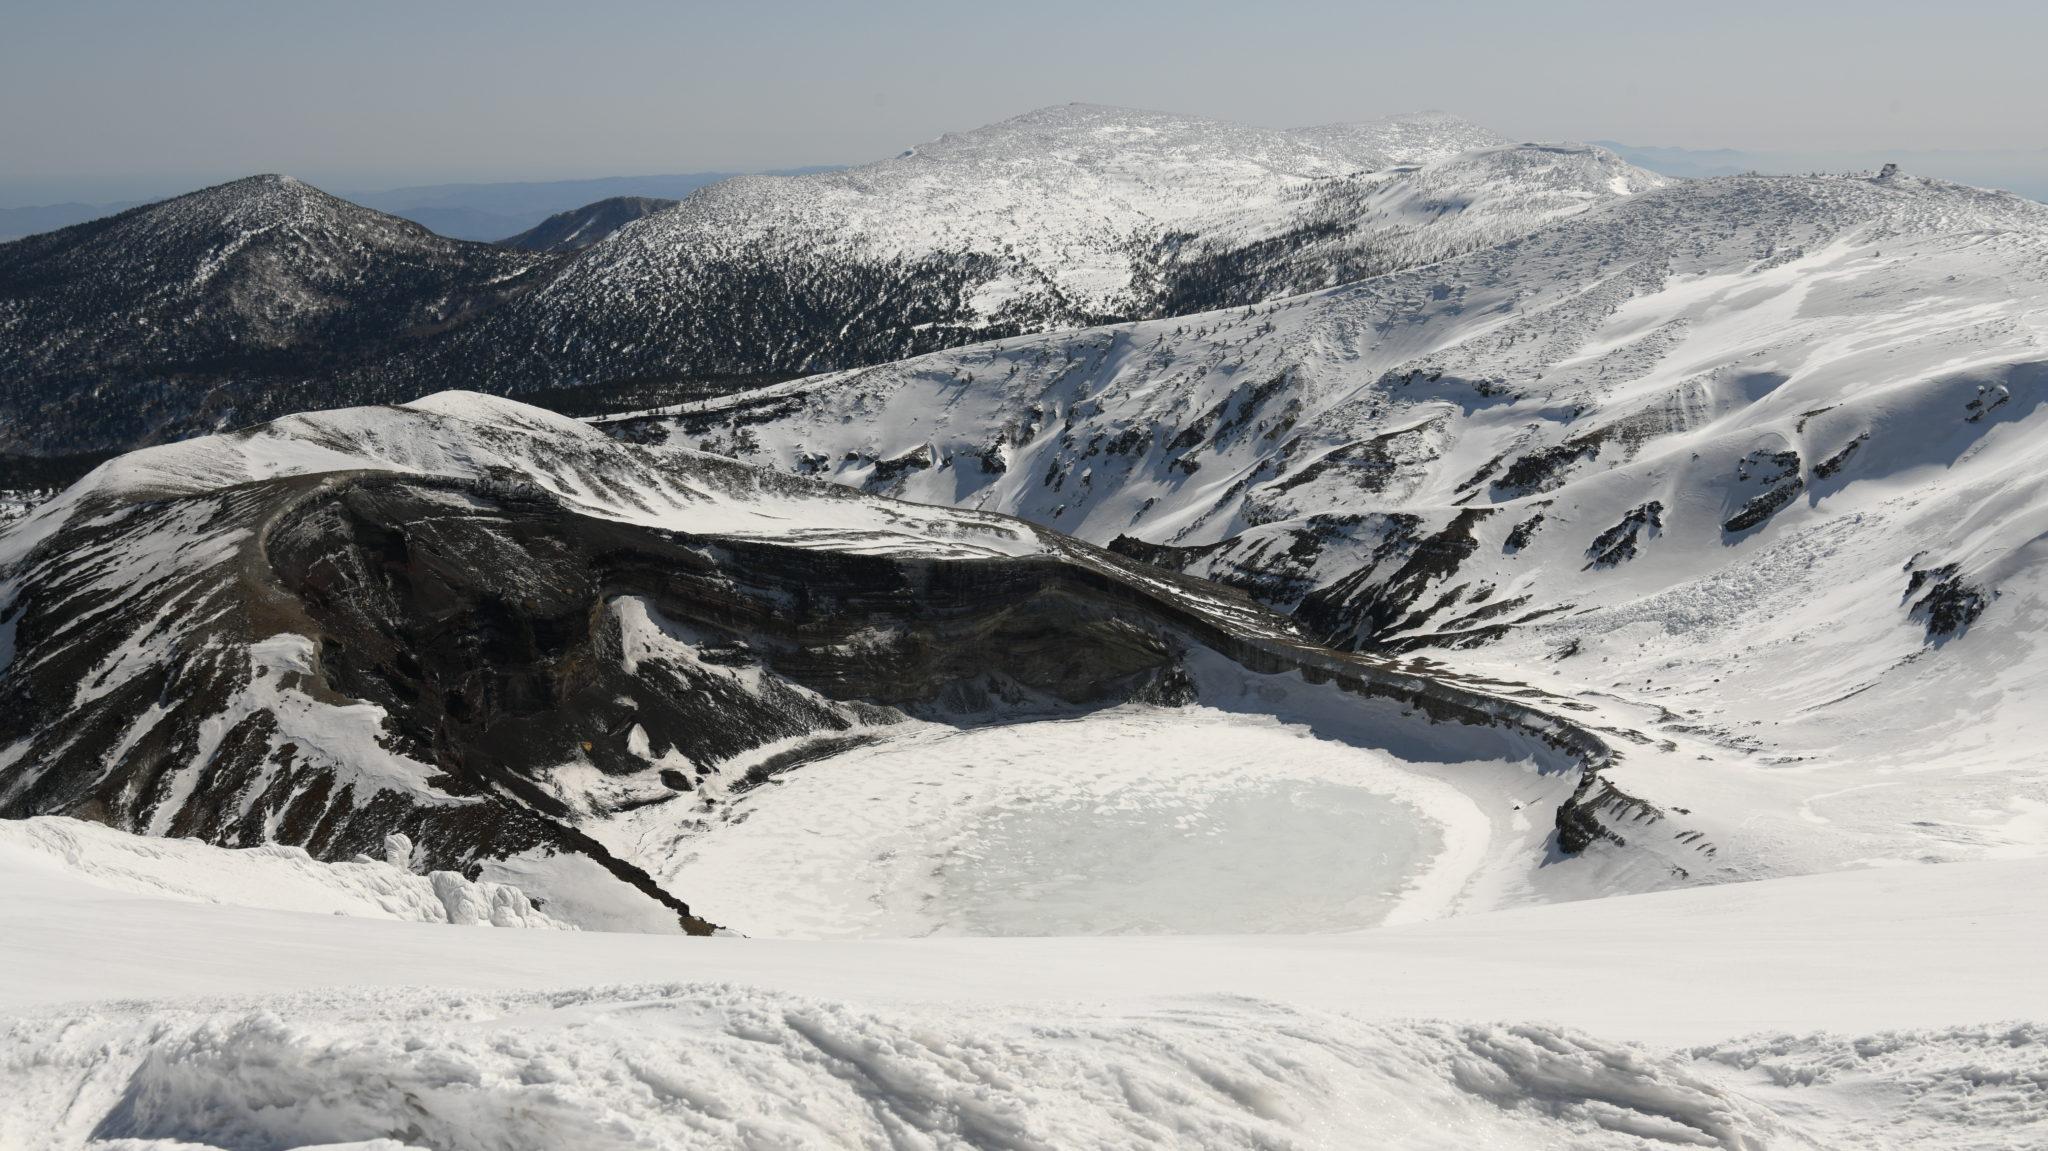 蔵王連峰の主峰・熊野岳&雪のお釜へ☆山岳インストラクターがご案内♪かんじきトレッキング